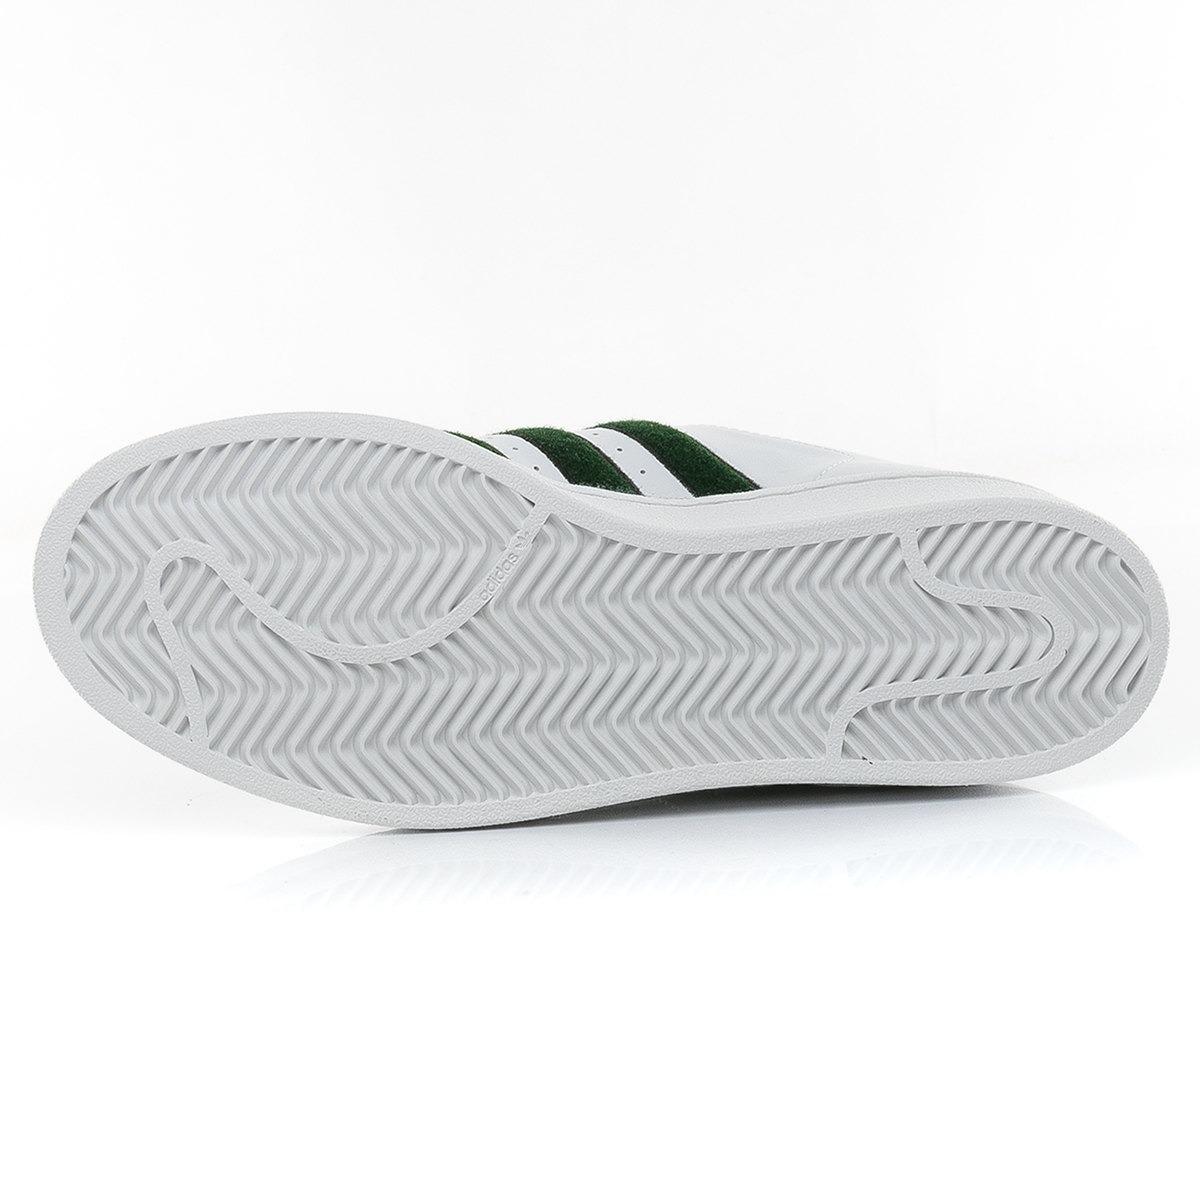 lowest price 29893 1b3a4 zapatillas superstar bicolor adidas originals tienda oficial. 6 Fotos